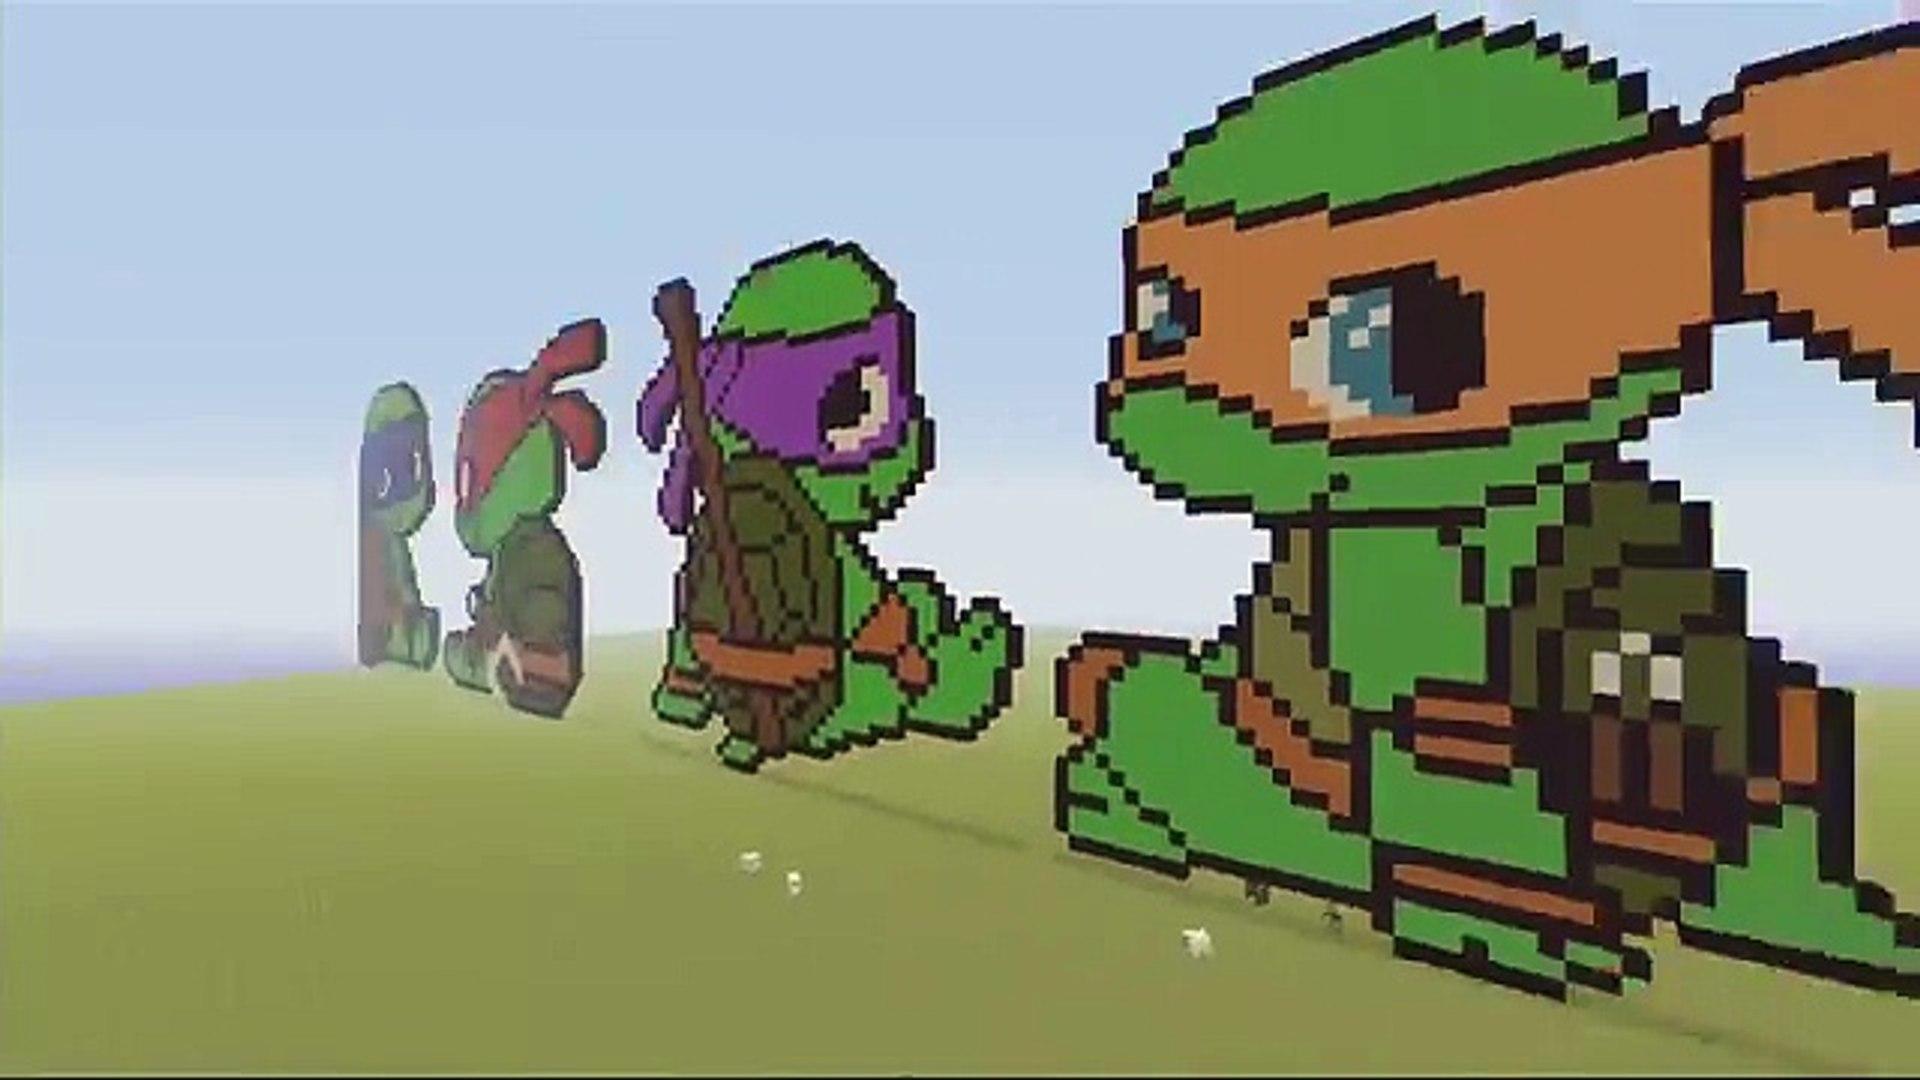 Teenage Mutant Ninja Turtles Tmnt Minecraft Pixel Art